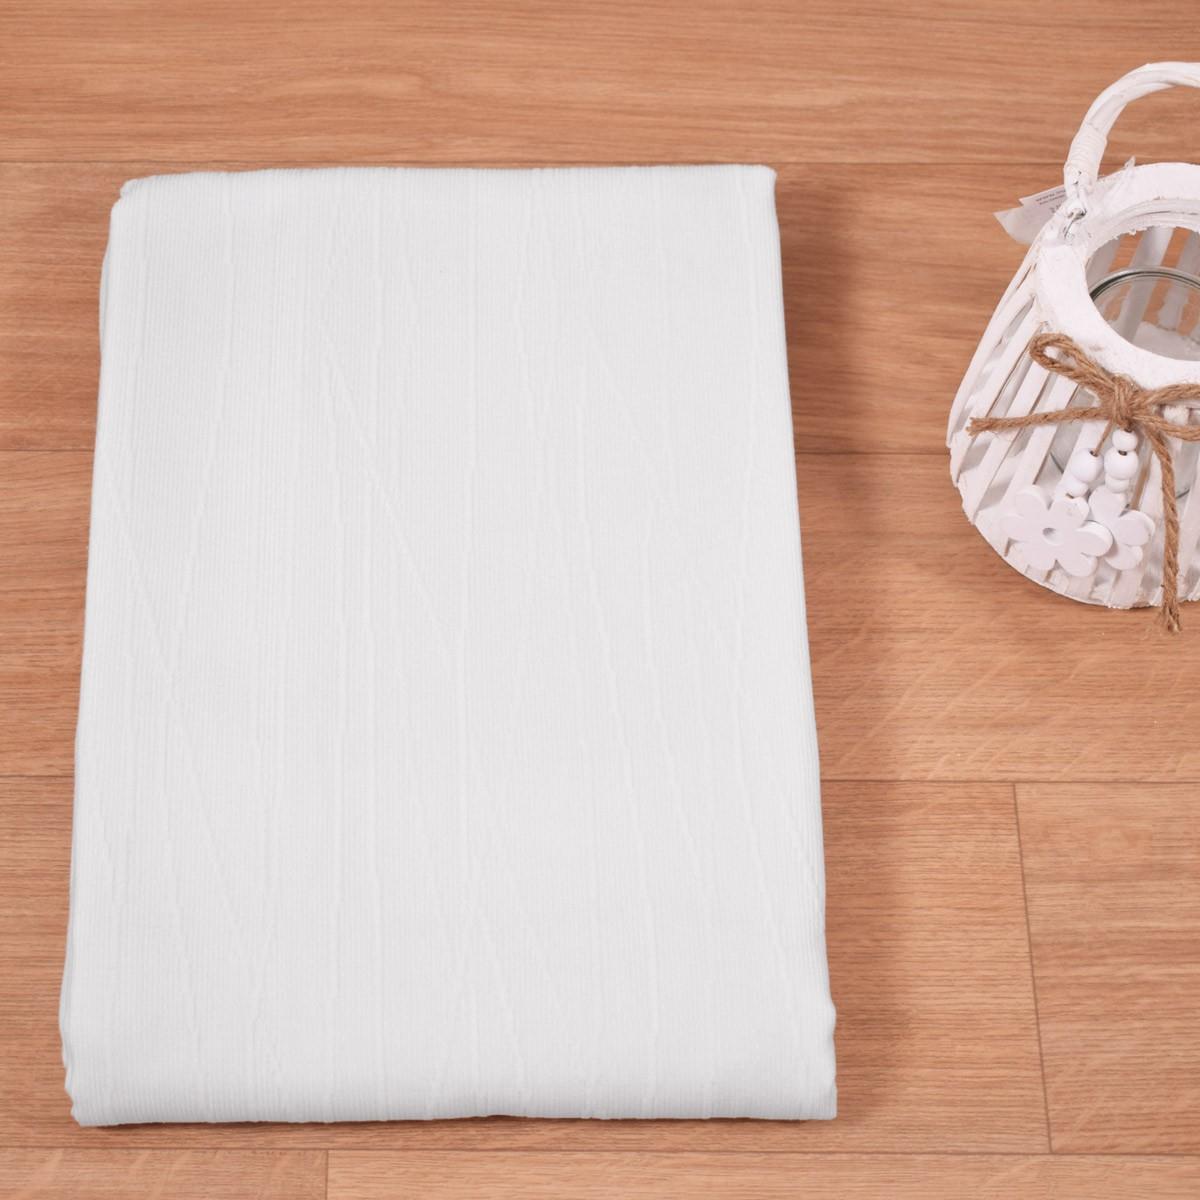 Κουβέρτα Ζακάρ Πικέ (170x260) Λευκή 400gr/m2 home   επαγγελματικός εξοπλισμός   ξενοδοχειακός εξοπλισμός   κουβέρτες ξενοδοχε